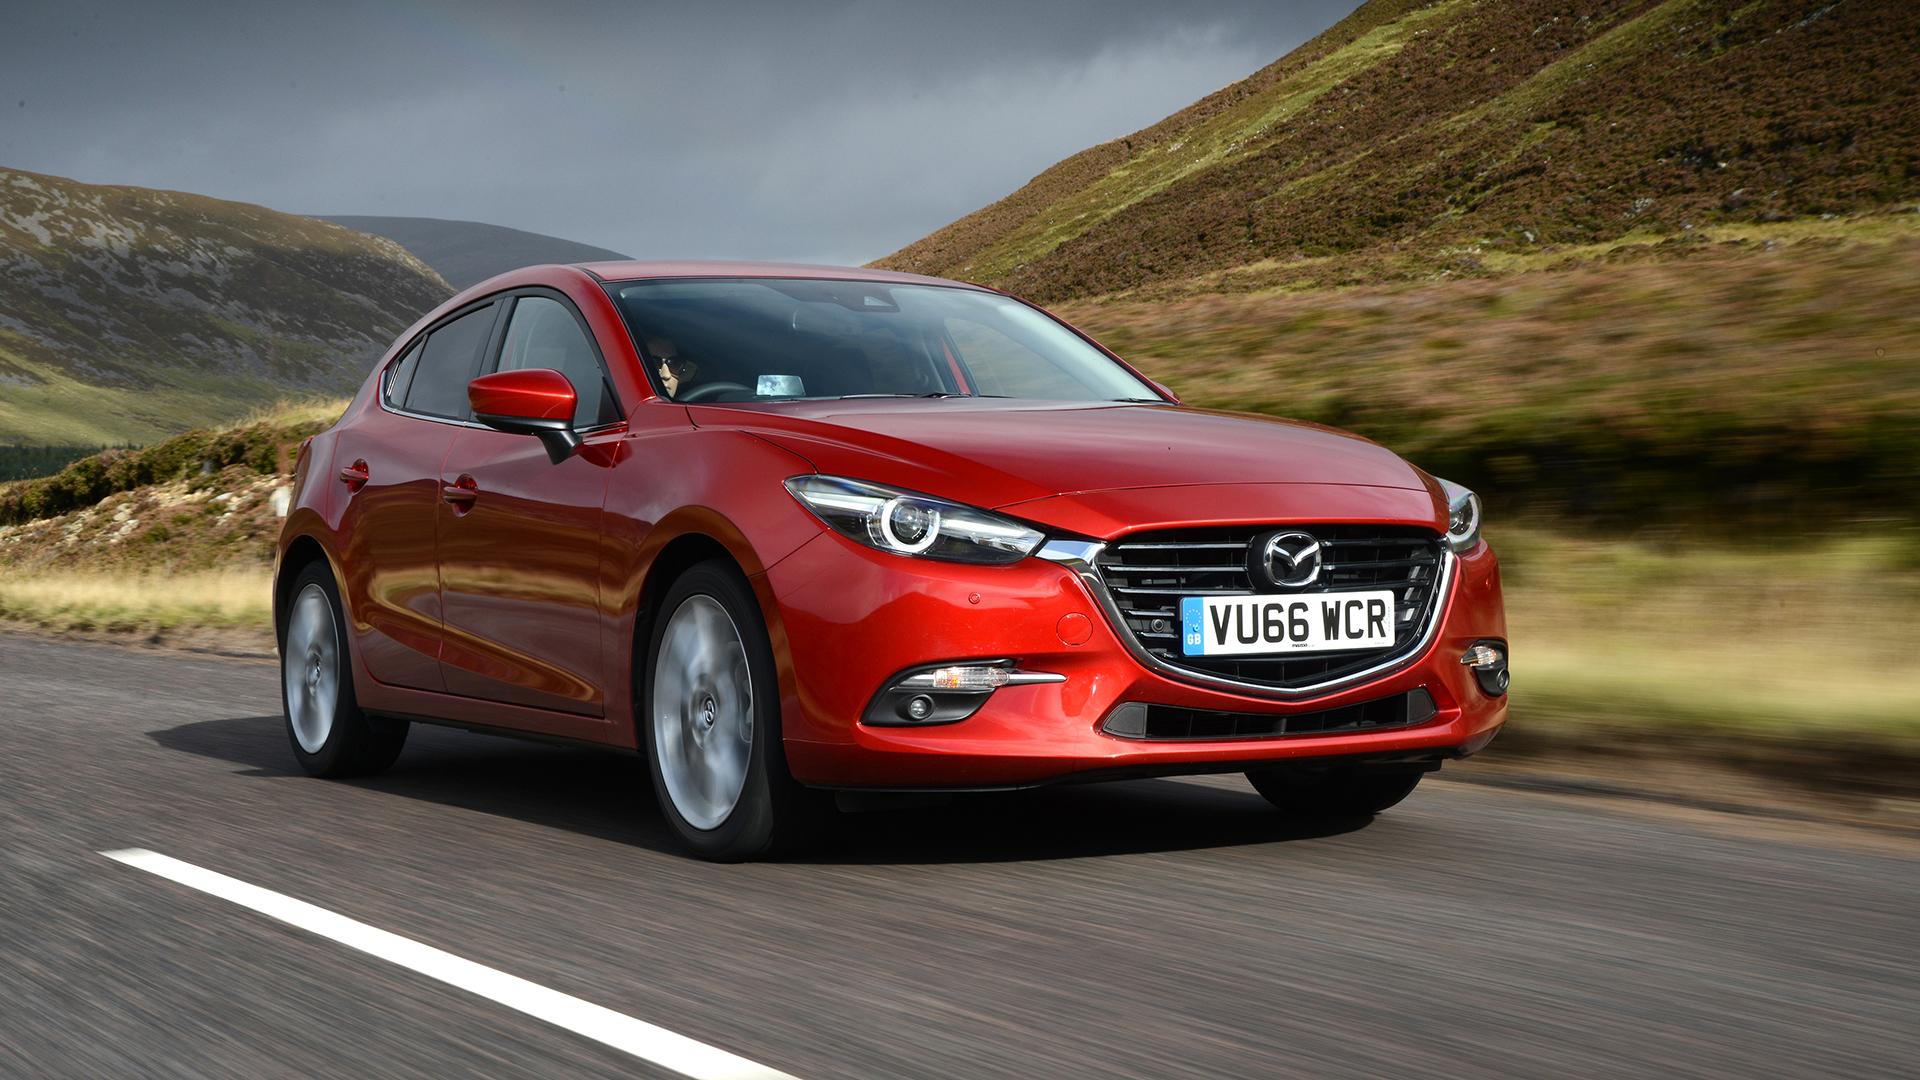 Kelebihan Mazda 3 2017 Top Model Tahun Ini